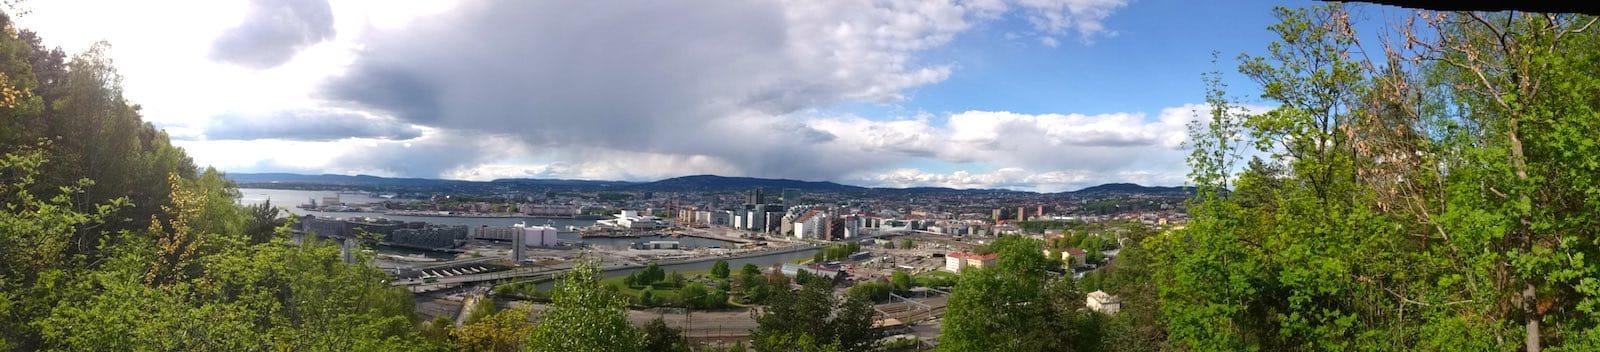 Atemberaubendes Oslo-Panorama, vom Ekebergparken aus gesehen – Foto: Lena Ziehres